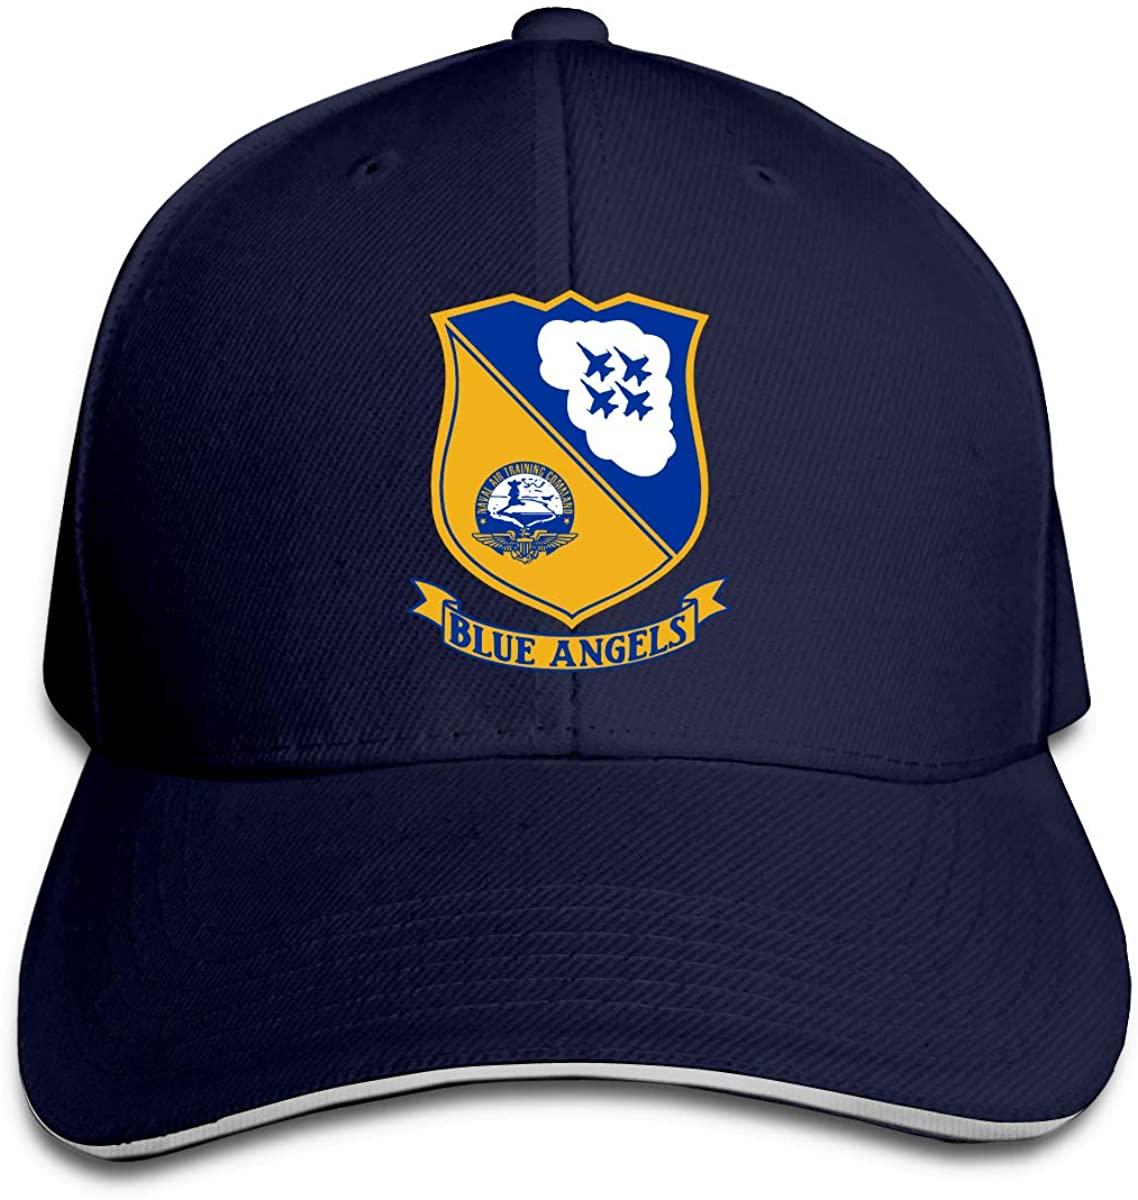 ¡Gorra de béisbol ajustable con el logotipo de Ángeles azul marino de...